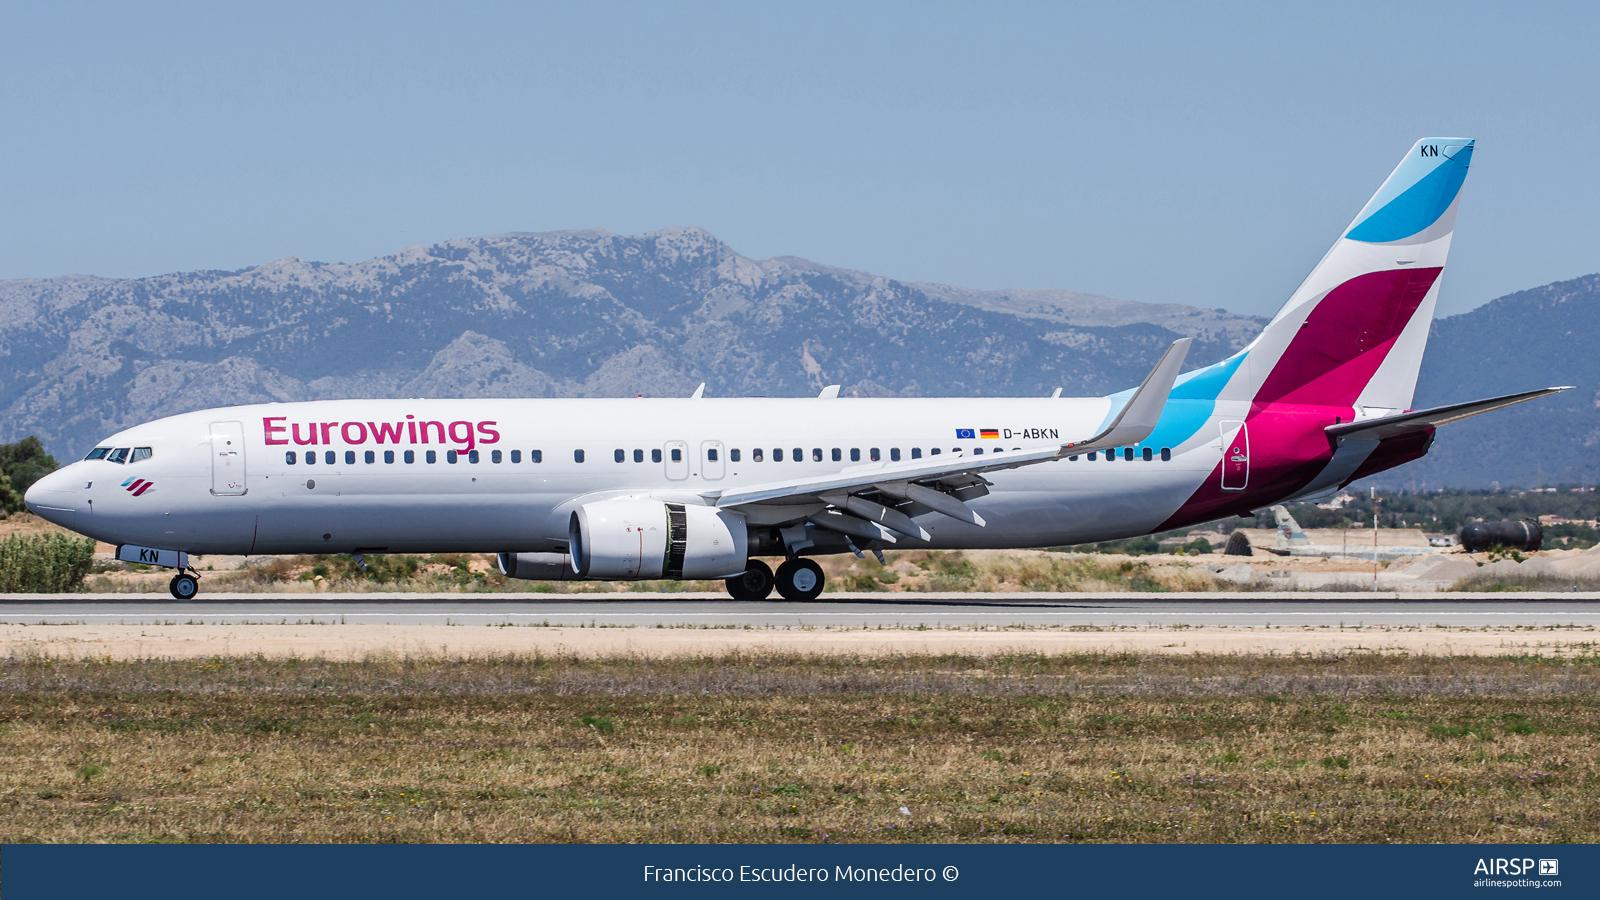 Eurowings  Boeing 737-800  D-ABKN